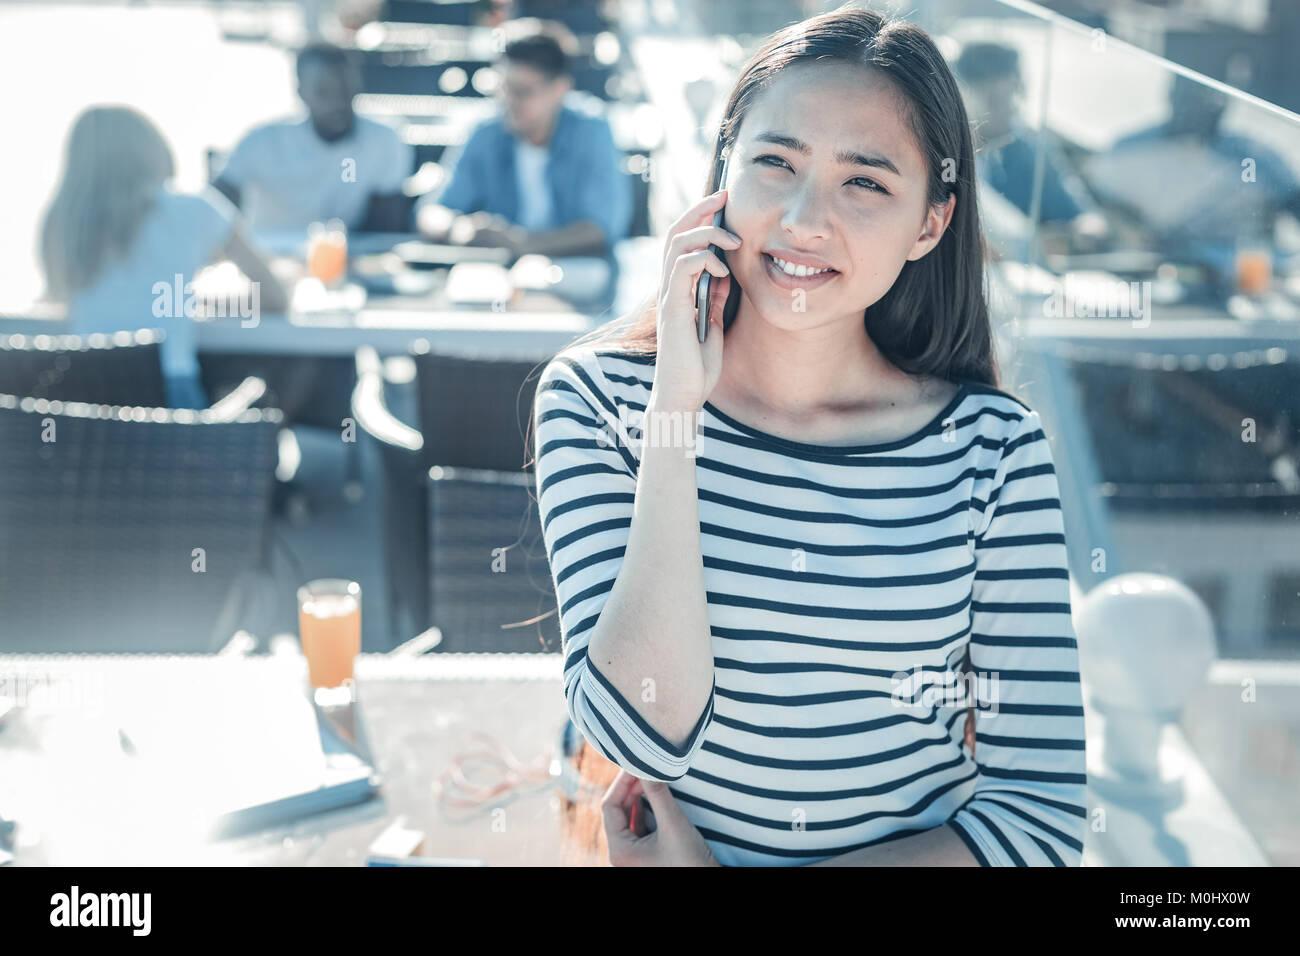 Smiling girl enjoying phone conversation - Stock Image